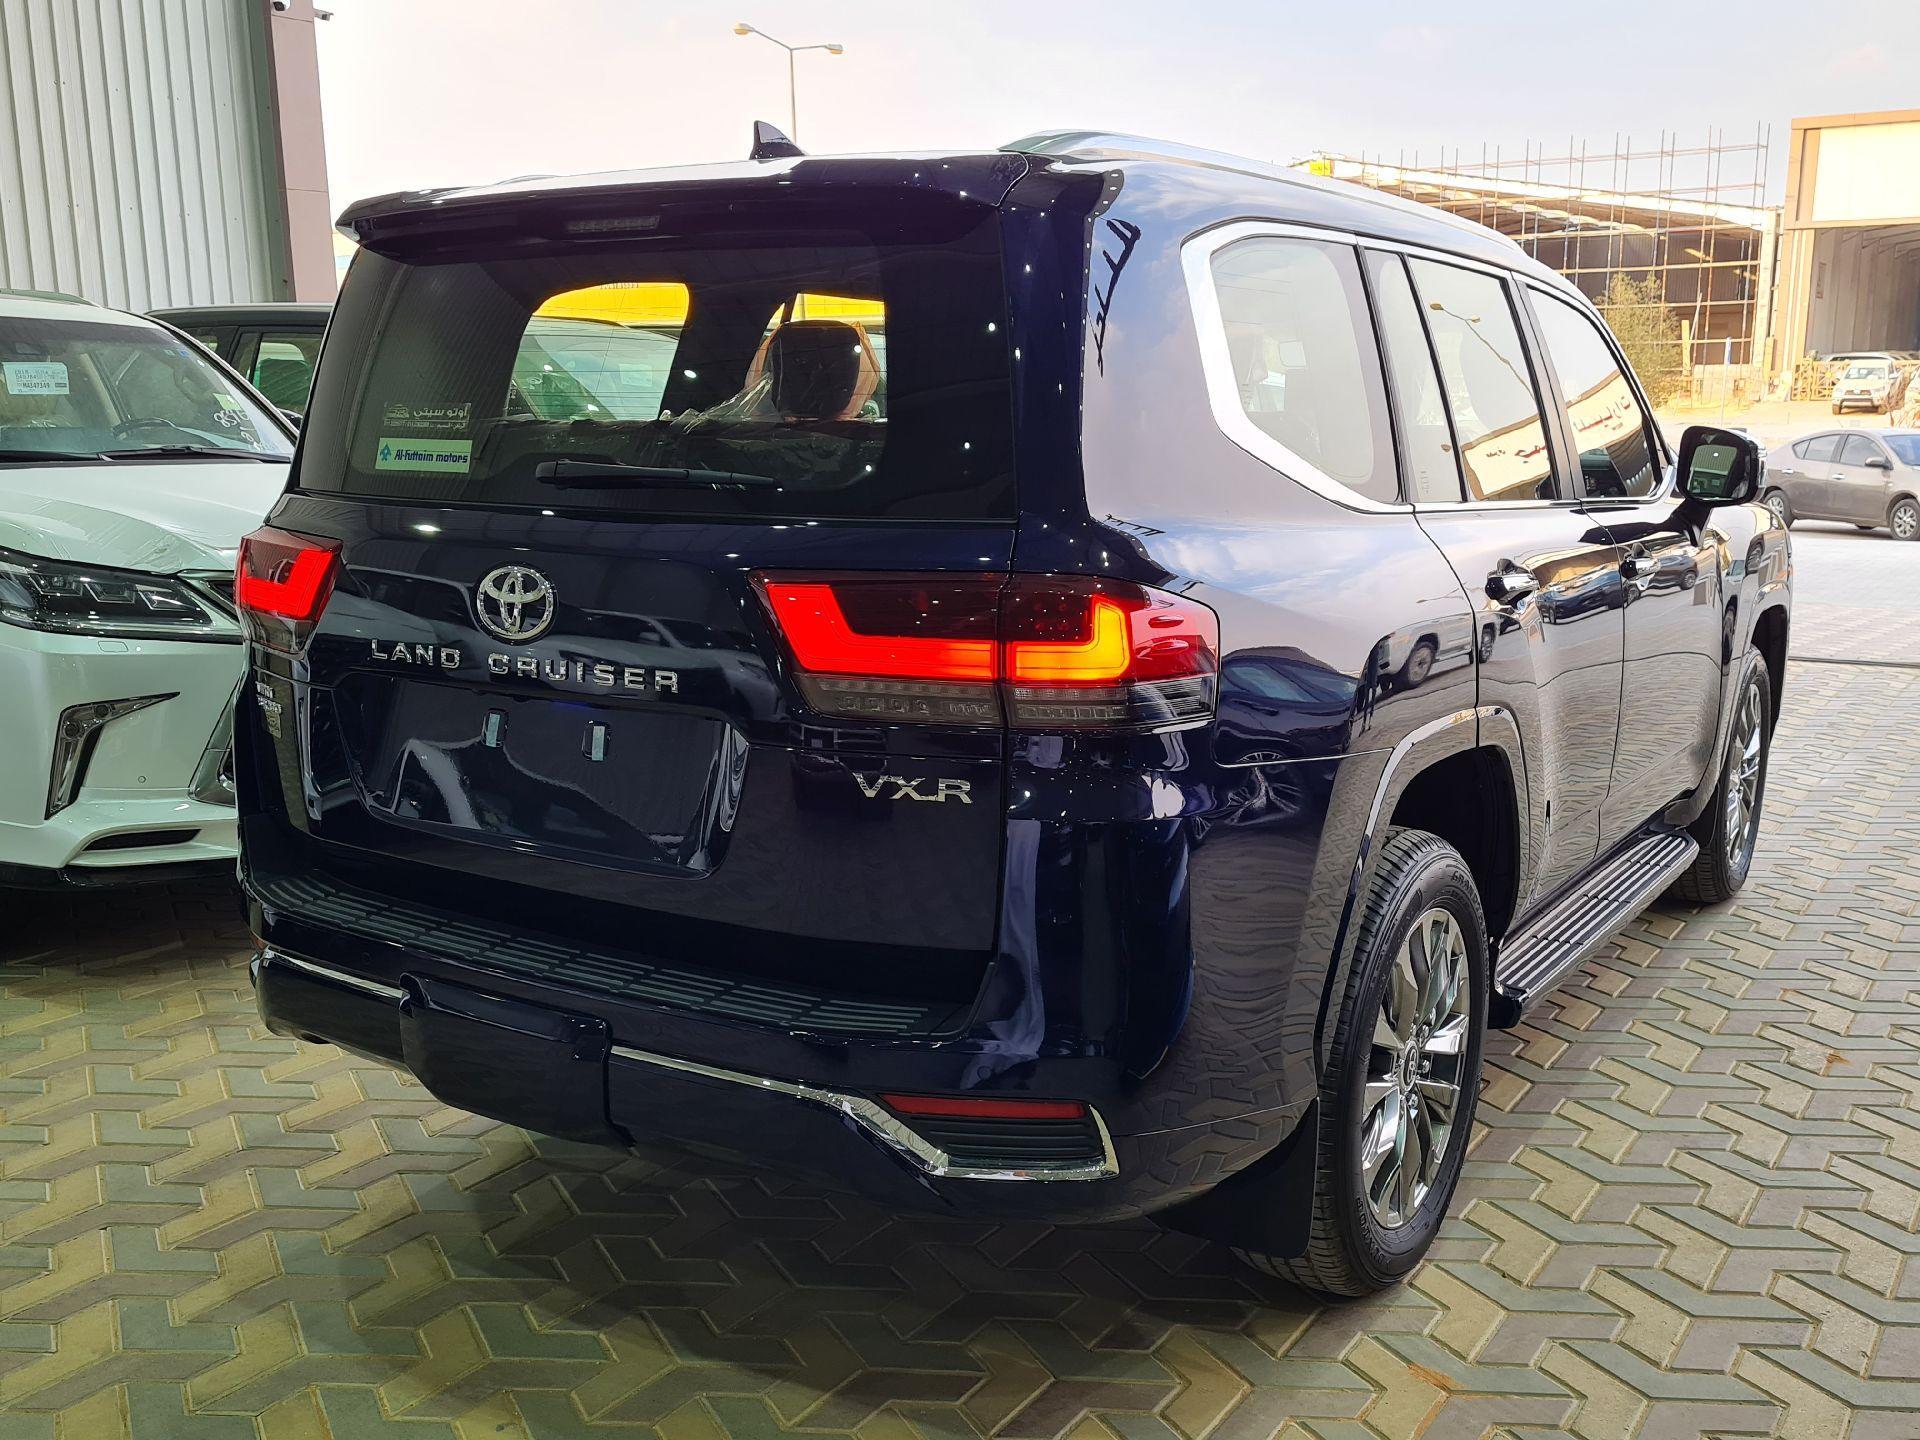 تويوتا لاندكروزر VXR 2022 فل فطيمي للبيع في الرياض - السعودية - صورة كبيرة - 4